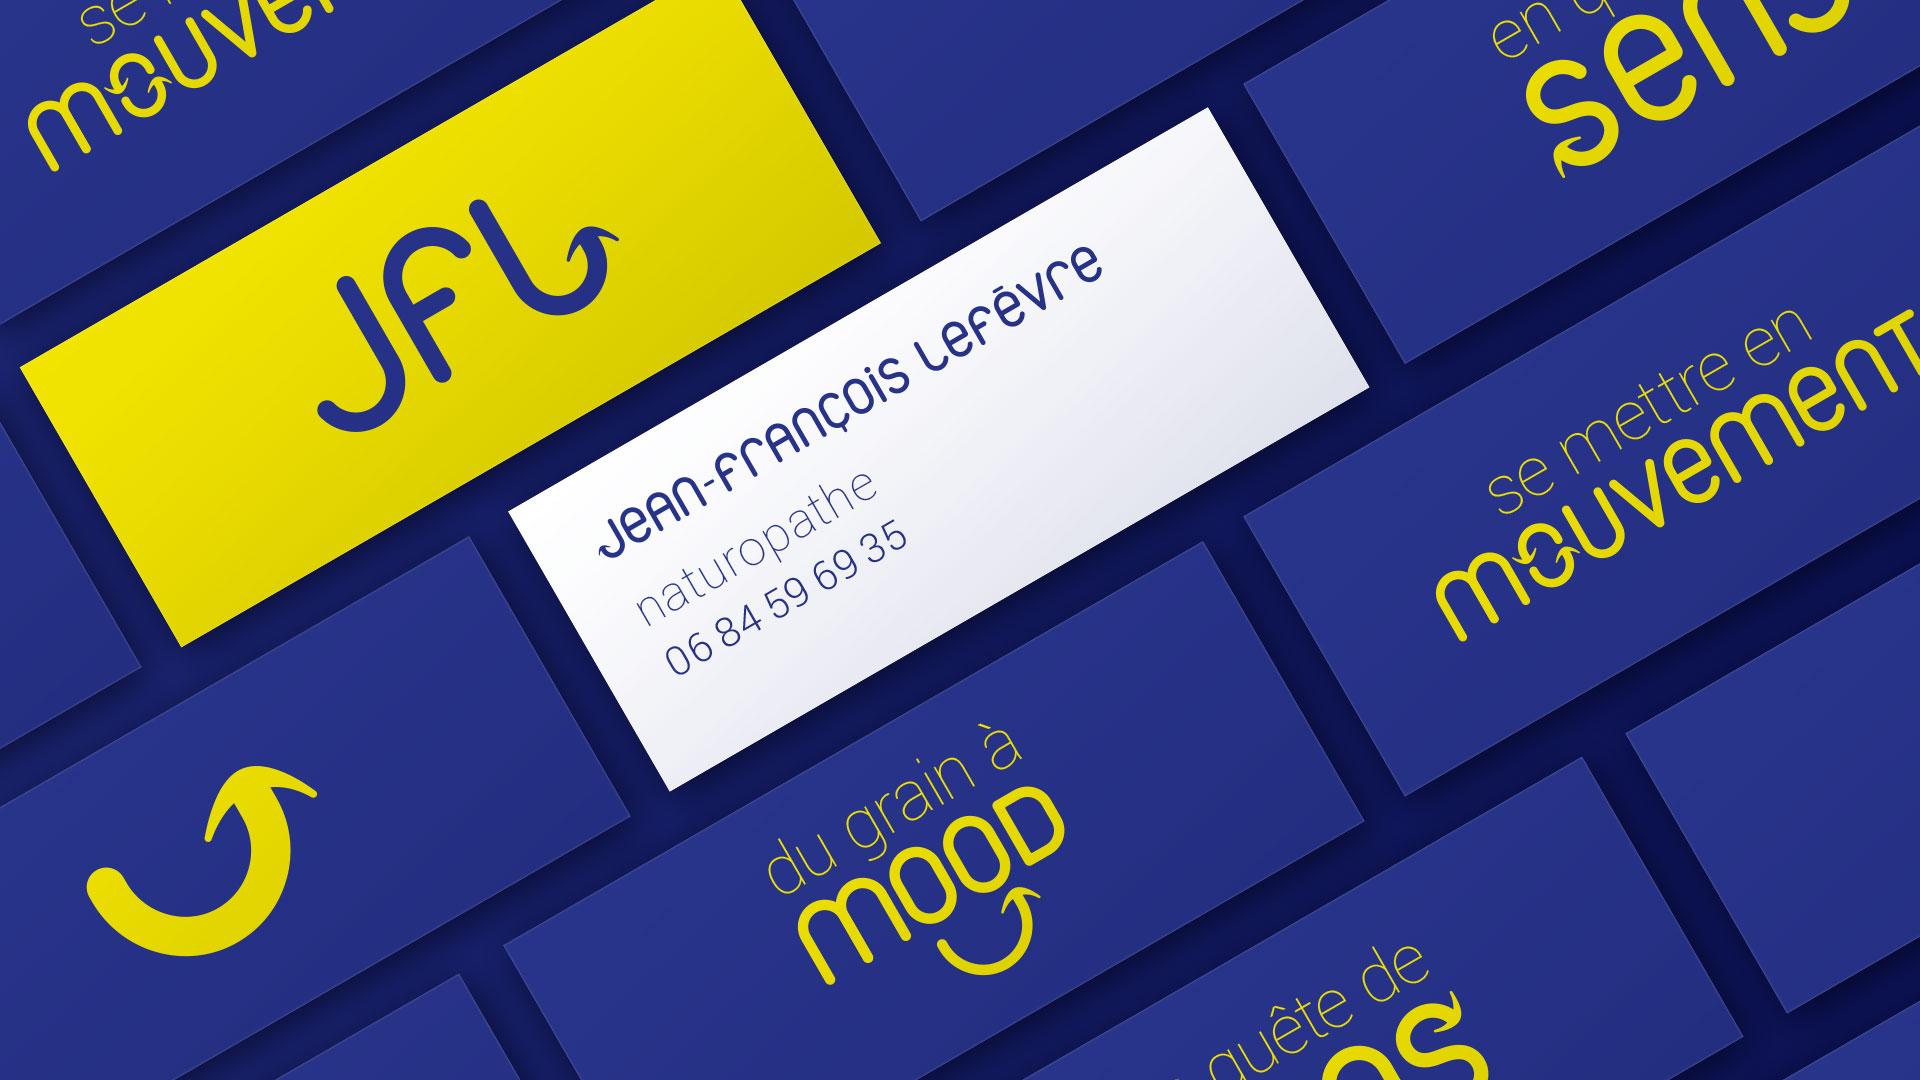 JEAN FRANCOIS LEFEVRE – CARTES DE VISITE